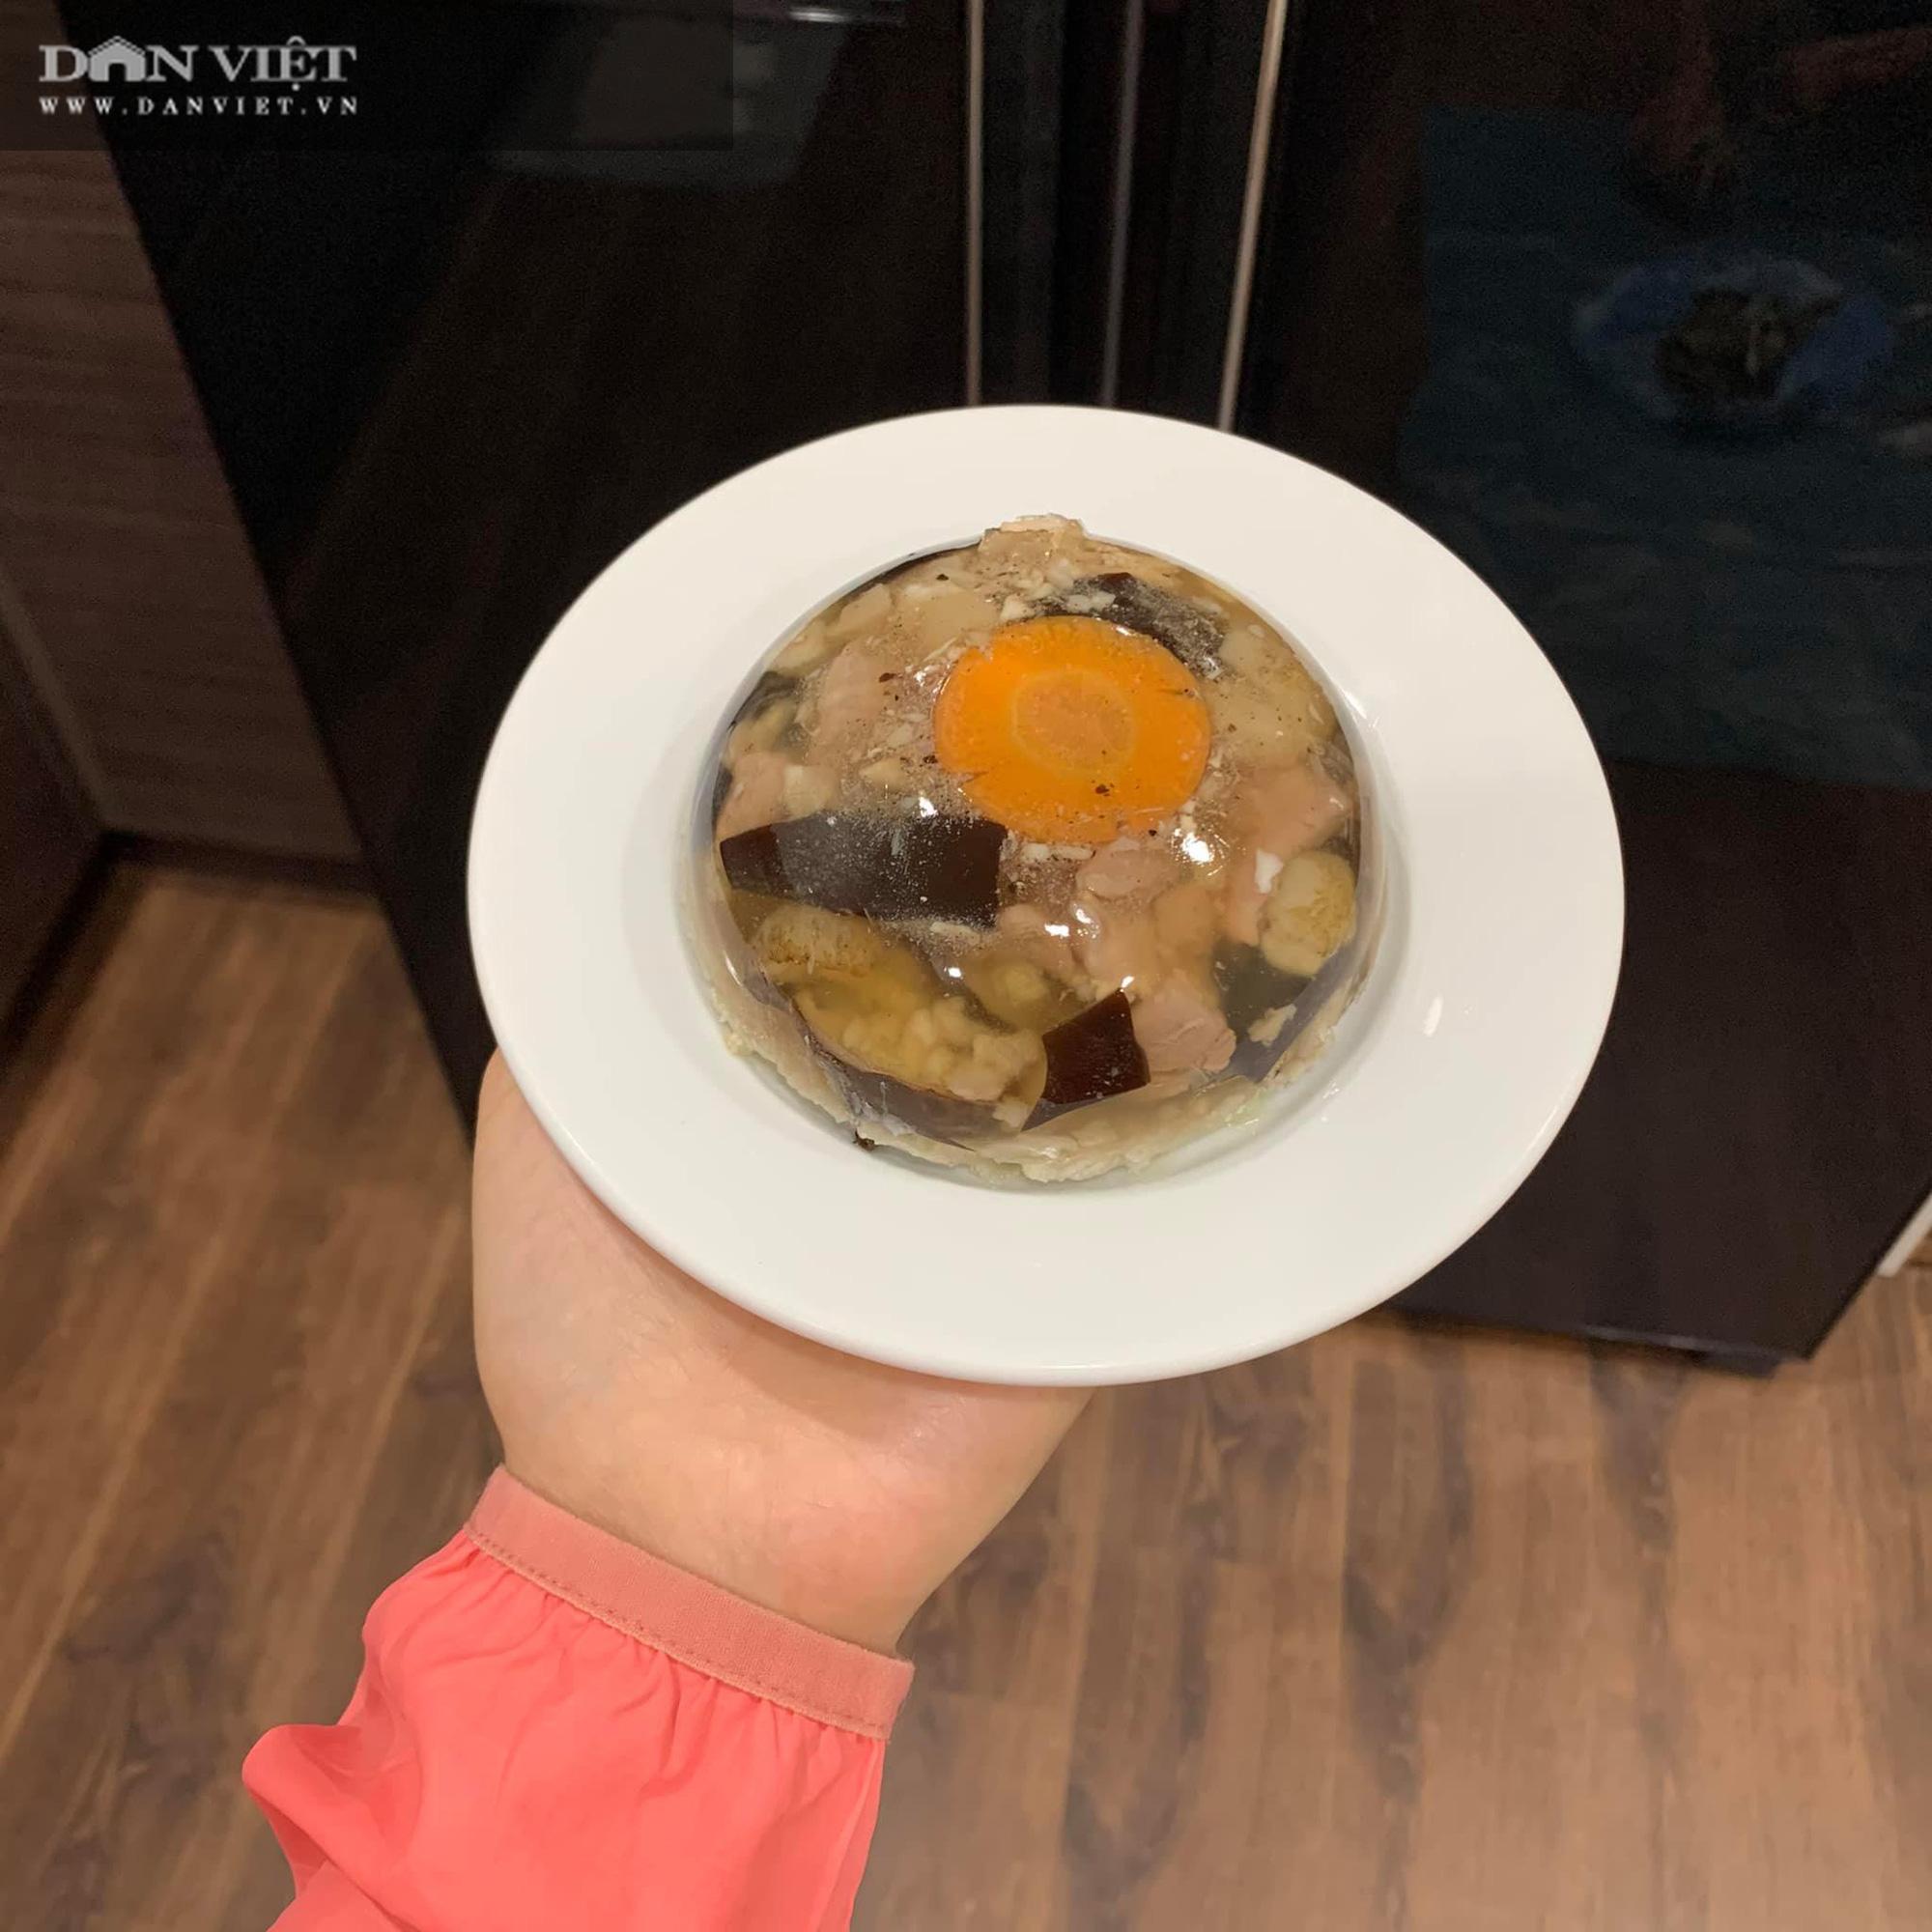 Bí quyết làm món thịt ngan nấu đông chuẩn vị cho mâm cỗ tết tròn đầy (Bài Tết) - Ảnh 3.